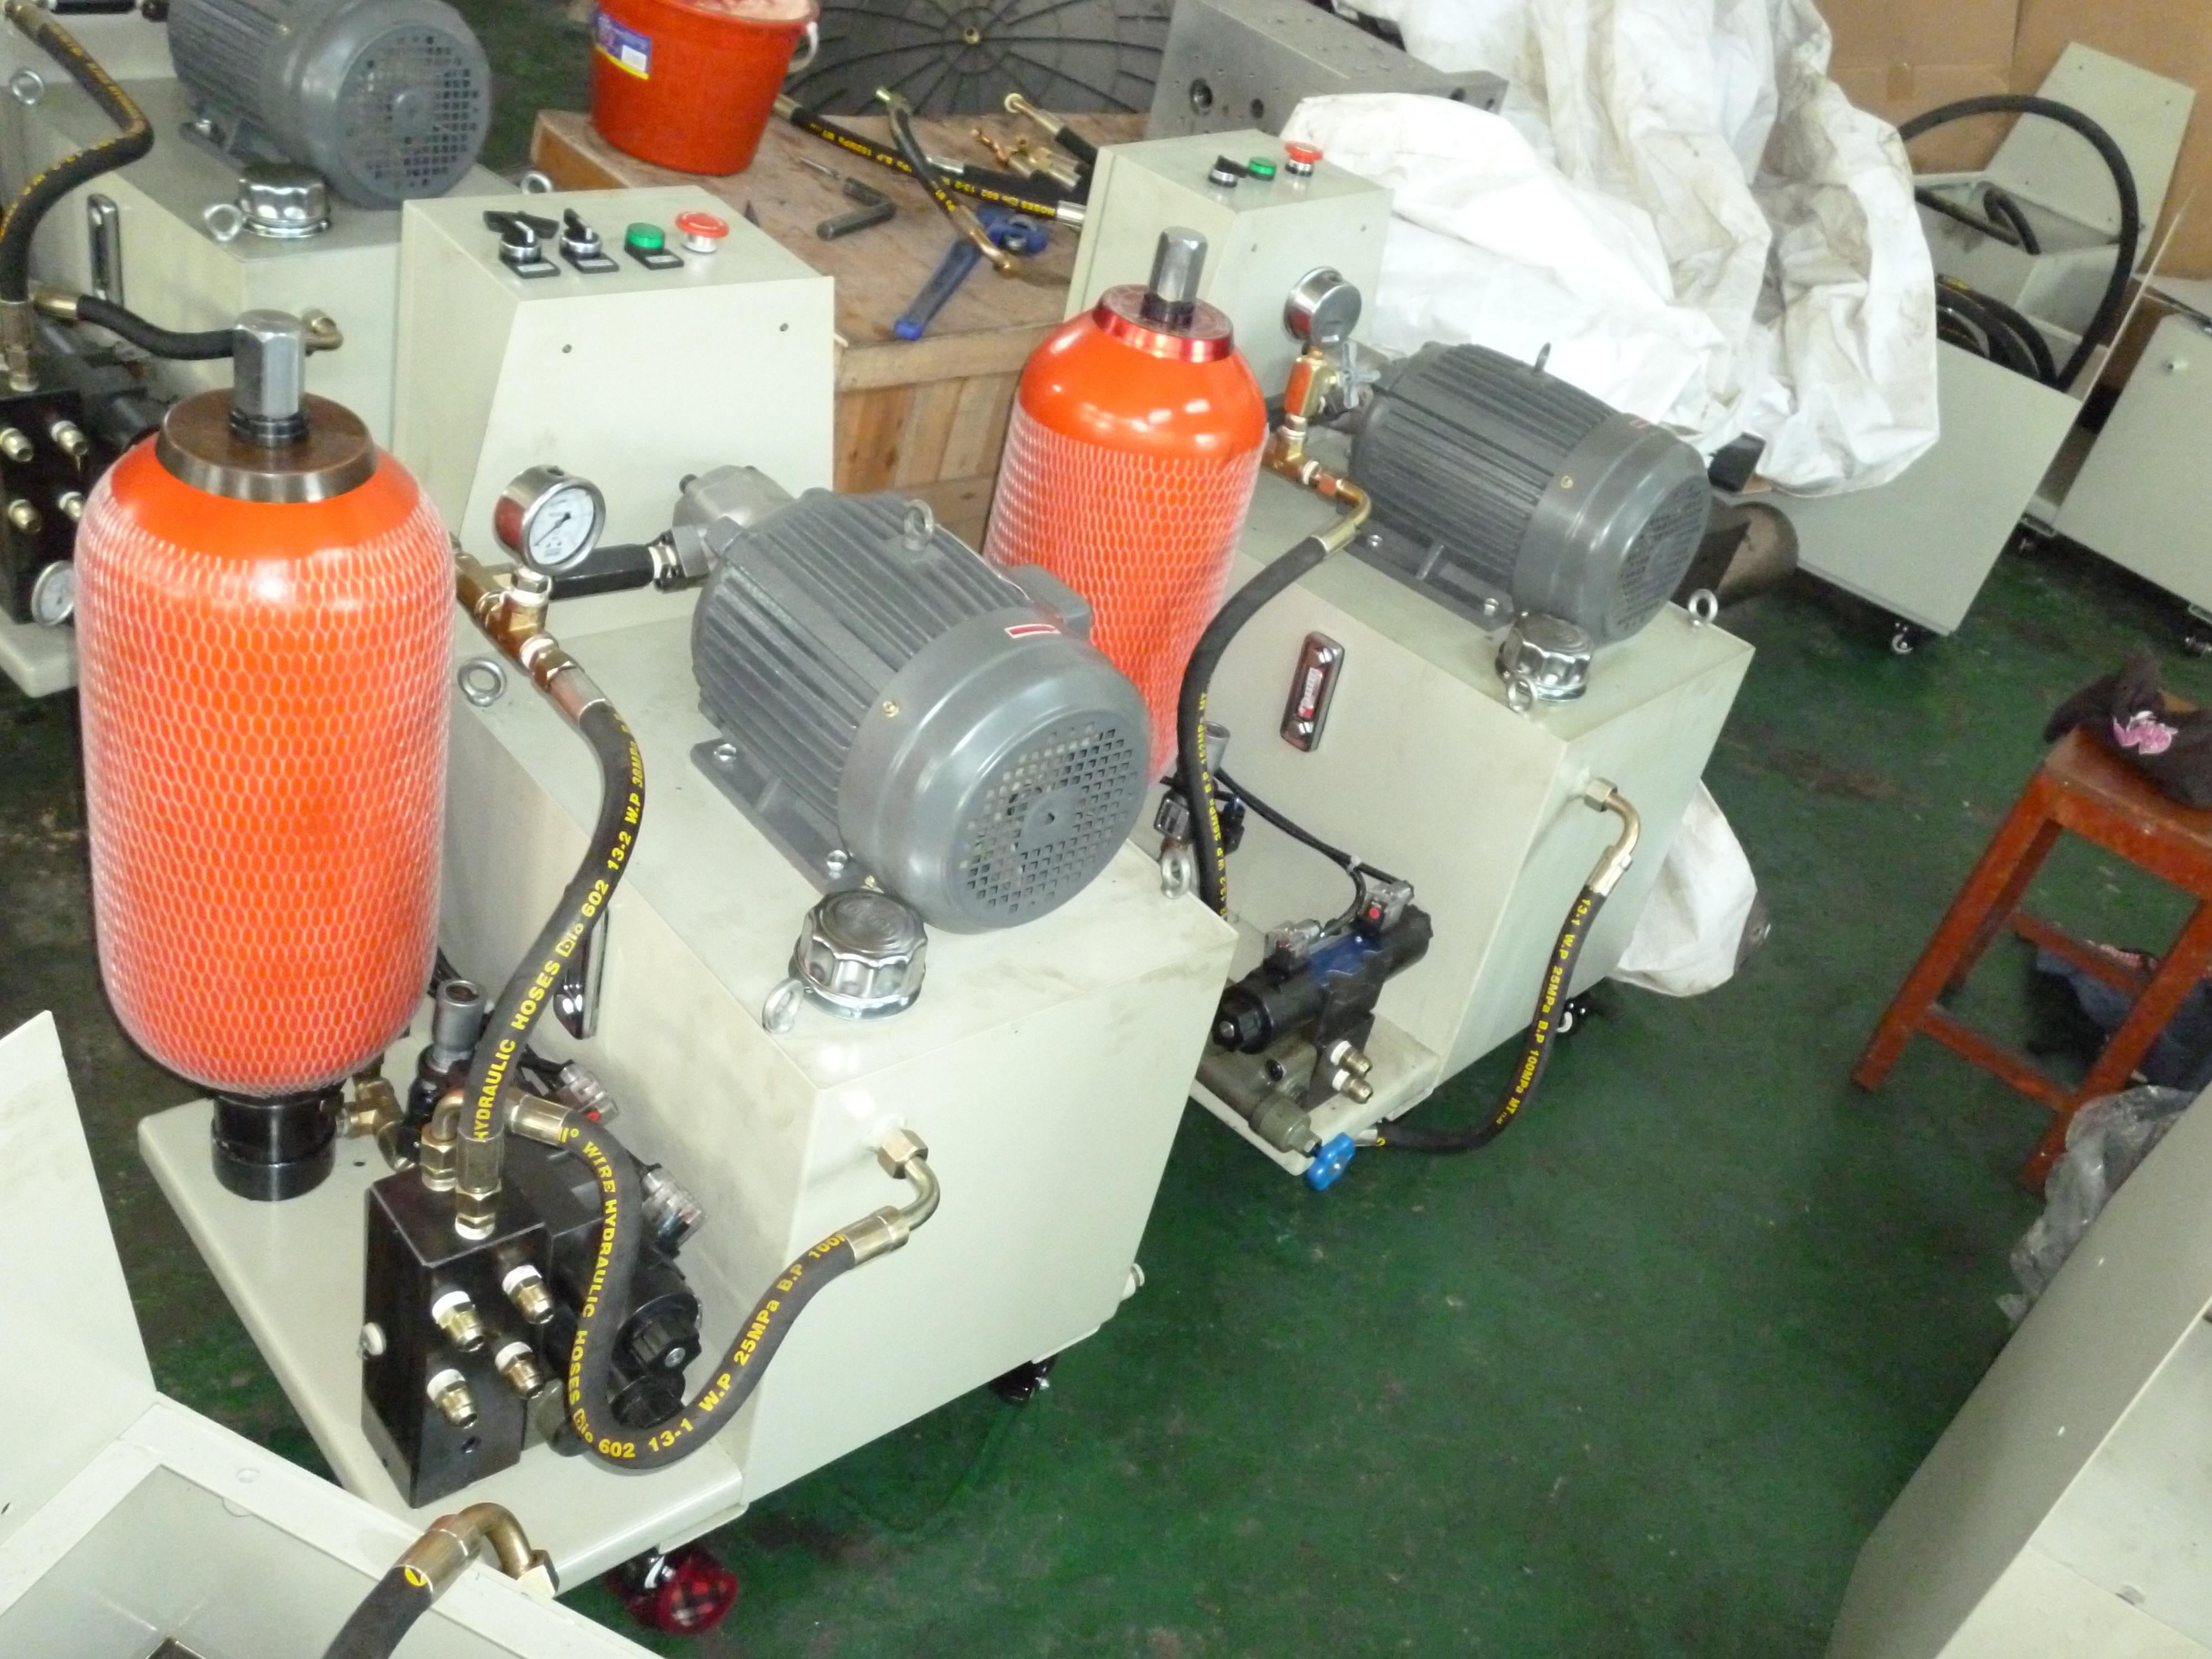 中国挤出电动液压站 台州市黄岩顺益挤出模具厂是一家专业从事制造挤出模具的私营企业。经过技术人员多年努力,拥有实际经验和先进的CAD/CAM加工设备,成功的开发了各种单层,多层共挤模头 液压站是由泵装置、集成块或阀组合、油箱、电气盒、蓄能器组合而成。 ·泵装置:上装有电机和油泵,是液压站的动力源,将机械能转化为液压油的压力能。 ·集成块:由液压阀及通道体组装而成。对液压油实行方向、压力和流量调节。 ·阀组合:板式阀装在立板上,板后管连接,与集成块功能相同。 &mid